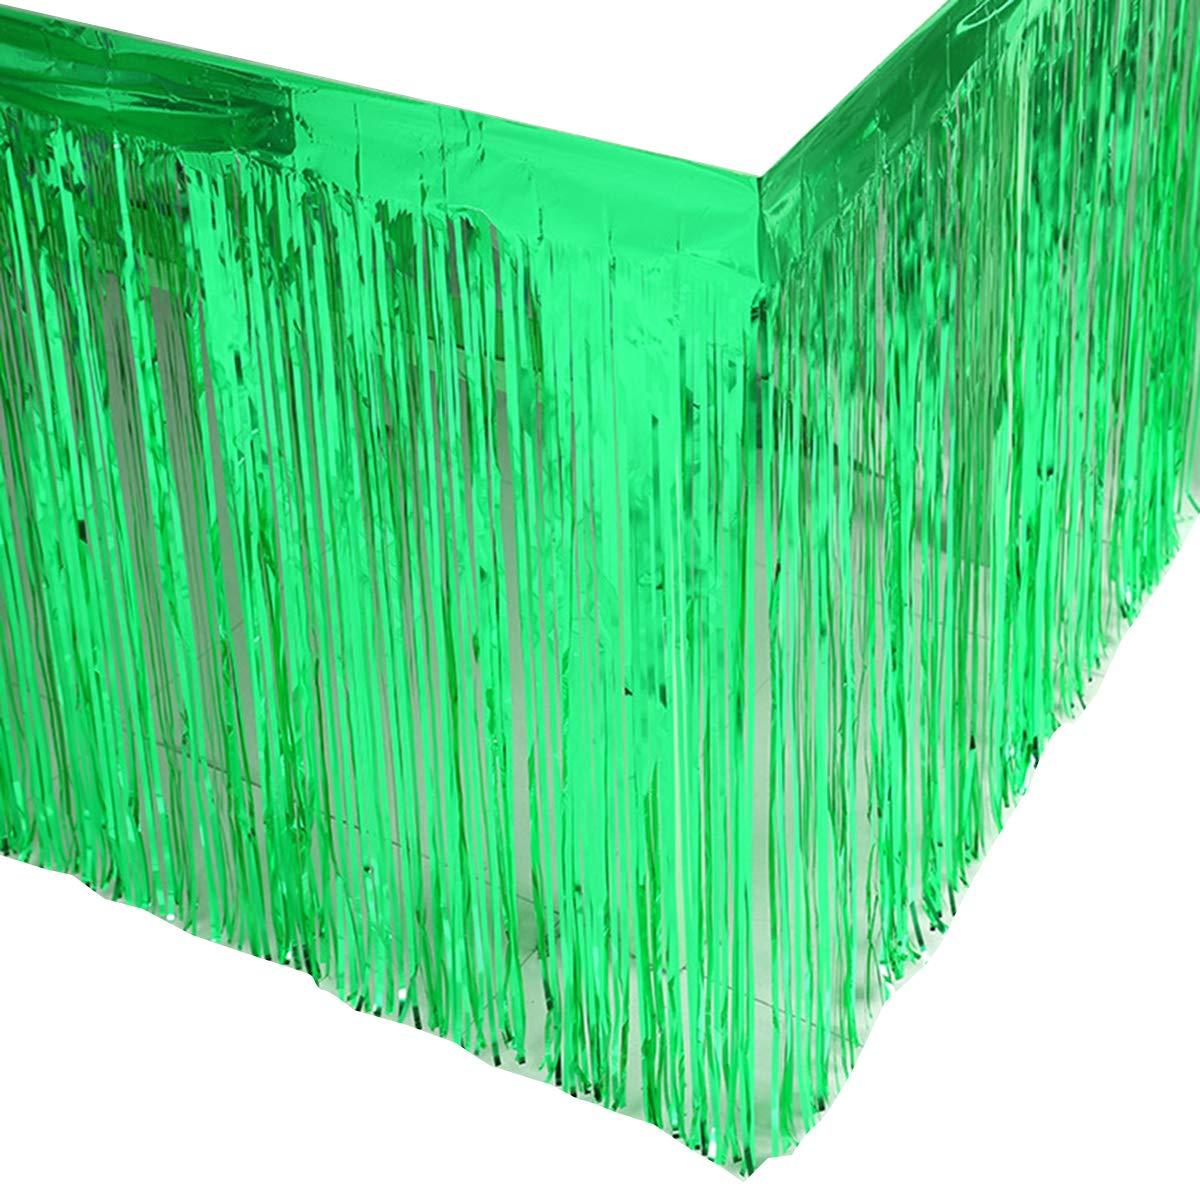 Leegleri 2 Pack Metallic Foil Fringe Table Skirt Green Table Skirt Tinsel Party Table Skirt Banner for Mardi Gras Party(L108 inH 29in, Green)